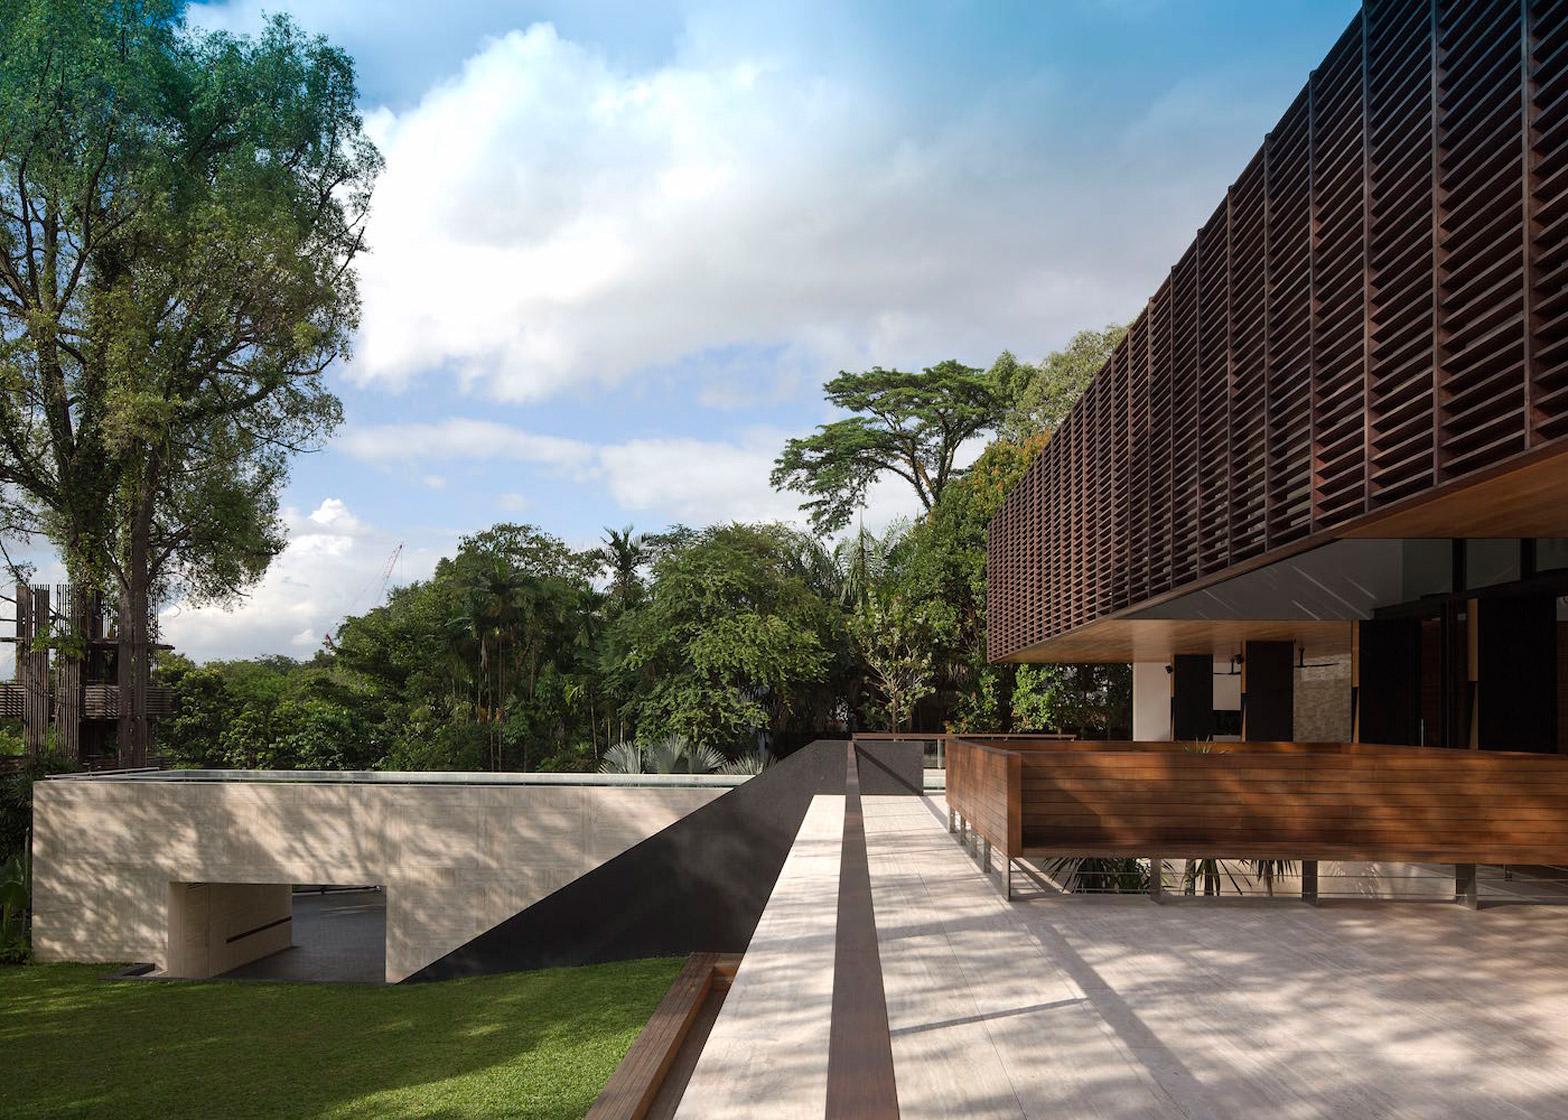 pavimenti esterni in travertino singapore gallop house